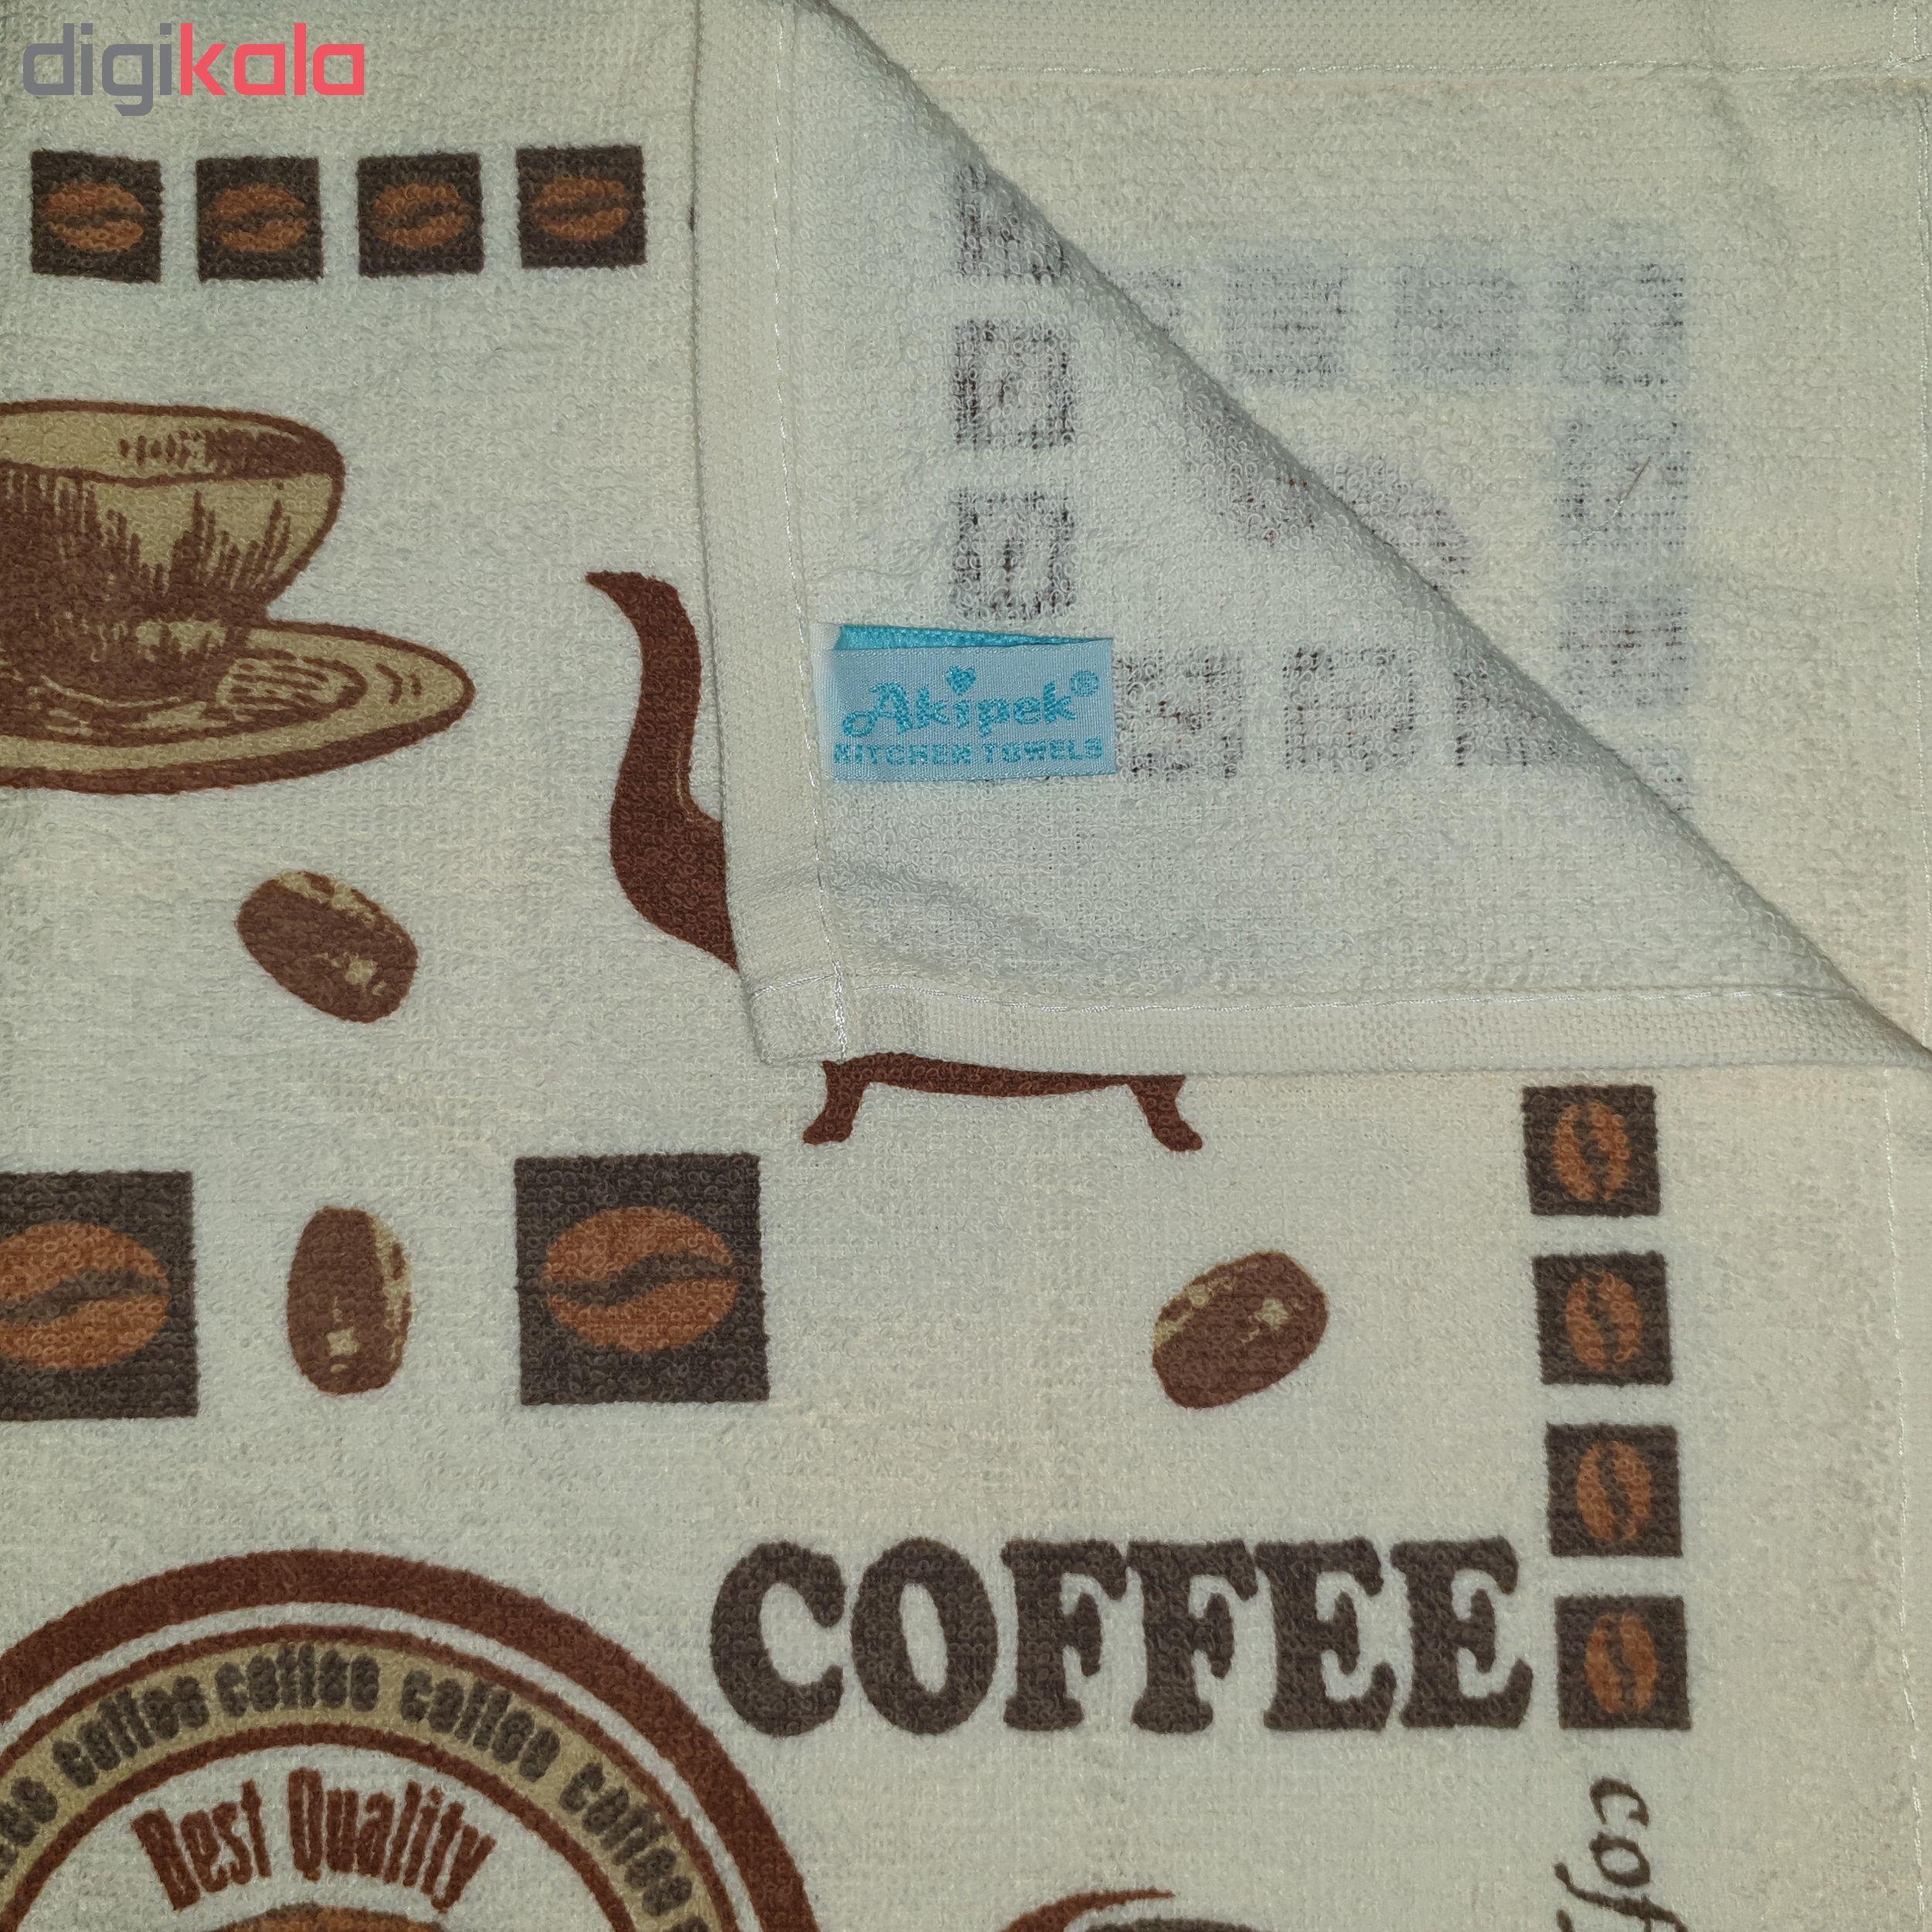 حوله آشپزخانه آکیپک مدل Coffee سایز 50x50 سانتیمتر main 1 2